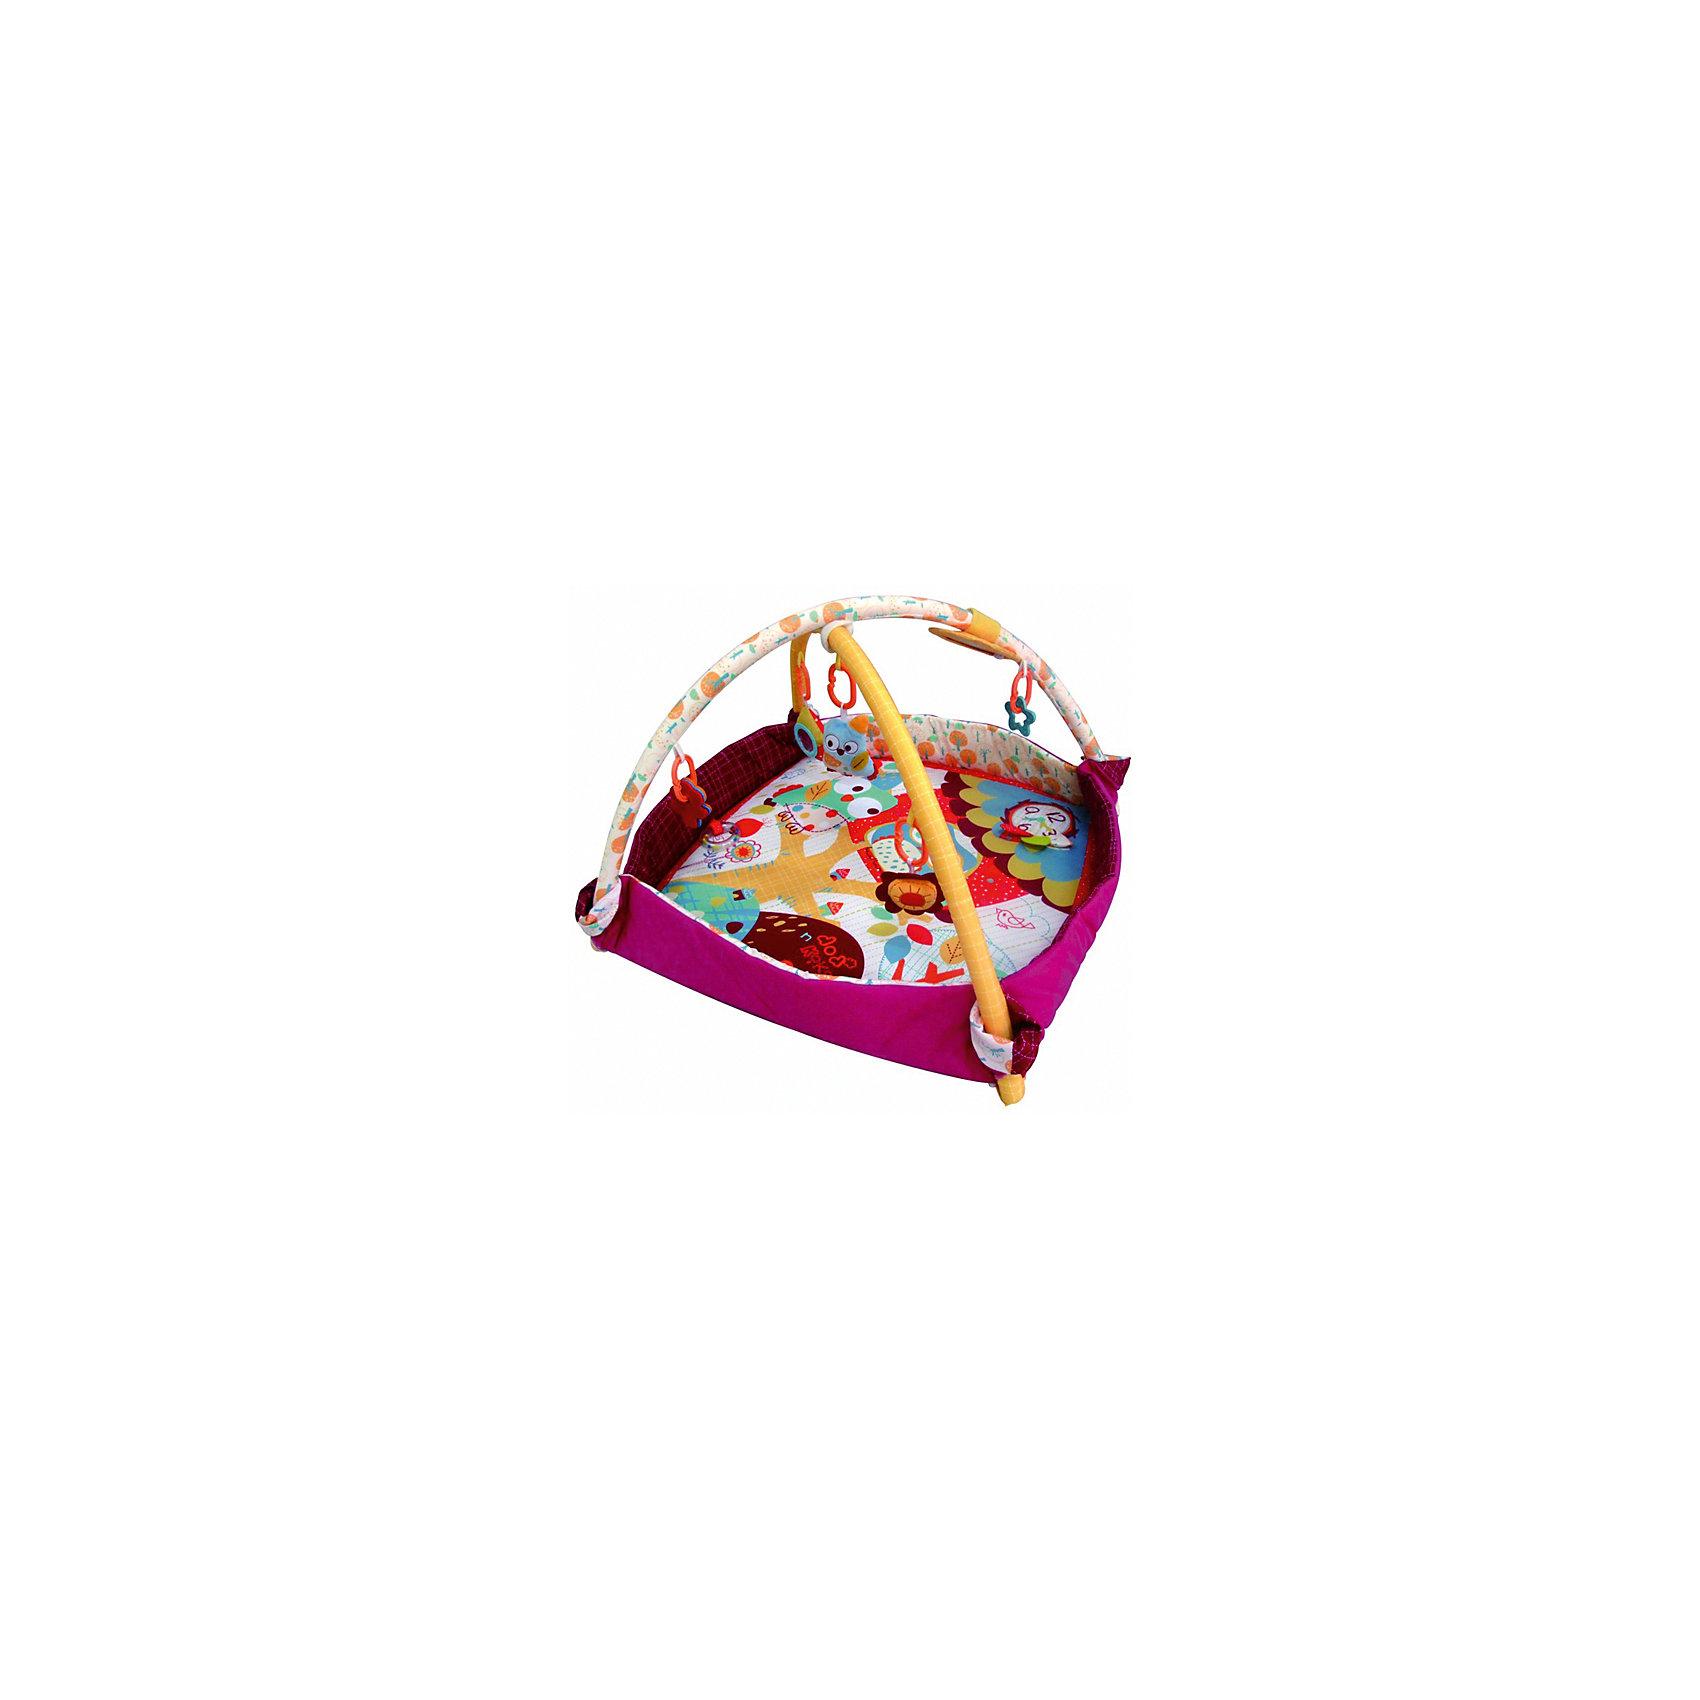 Развивающий игровой коврик - бассейн Додо и Кики  , MERXРазвивающие коврики<br>Развивающий игровой коврик - бассейн для новорожденных и младенцев. Бортики коврика могут раскладываться, увеличивая площадь коврика, либо могут быть поднятыми для ограничения игрового пространства. Коврик обеспечит вашему ребенку комфортное и безопасное место для игры, обучения, развития и отдыха.Функции:<br> - Игрушки и 3D лепестки для развития моторики;<br> - Пищалки и шуршалки для развития слуха;                                      <br> - Использованы разнообразные тактильные материалы;<br> - Разноцветный красочный дизайн и зеркальце, способствующие развитию зрения;<br> - Все игрушки, подвешенные на дугах, можно снять с колец и использовать отдельно от коврика;<br> - Компановка элементов коврика вдохновляет ребенка к движению и игре;<br>                                                Комплектность: Игровой коврик с дугами и аксессуарами.<br>На коврике: Пищалка, Шуршащие 3D Лепестки для развития моторики и слуха, Пластиковое кольцо-погремушка. <br>На дугах: Пластиковое кольцо с мягкой игрушкой с пищалкой, Пластиковое кольцо с мягкой игрушкой с погремушкой,  Пластиковое кольцо с ключами для развития моторики, Пластиковое кольцо с зеркальцем, Пластиковое кольцо с прорезывателем.Коврик, внешний слой - 80% Полиэстер / 20% Хлопок; Коврик, наполнитель - Полиэстер; Дуга, каркас - Фиберглас; Дуга внешний слой - 80% Полиэстер/ 20% Хлопок; Дуга, наполнитель - Полиэстер; Пластиковая игрушка, прорезыватель - Пластик (ABS, PP, PE); Мягкая игрушка, внешний слой и наполнитеь - Полиэстер.95 x 95 x 48 см<br><br>Ширина мм: 950<br>Глубина мм: 950<br>Высота мм: 480<br>Вес г: 1115<br>Возраст от месяцев: 0<br>Возраст до месяцев: 36<br>Пол: Унисекс<br>Возраст: Детский<br>SKU: 5543779